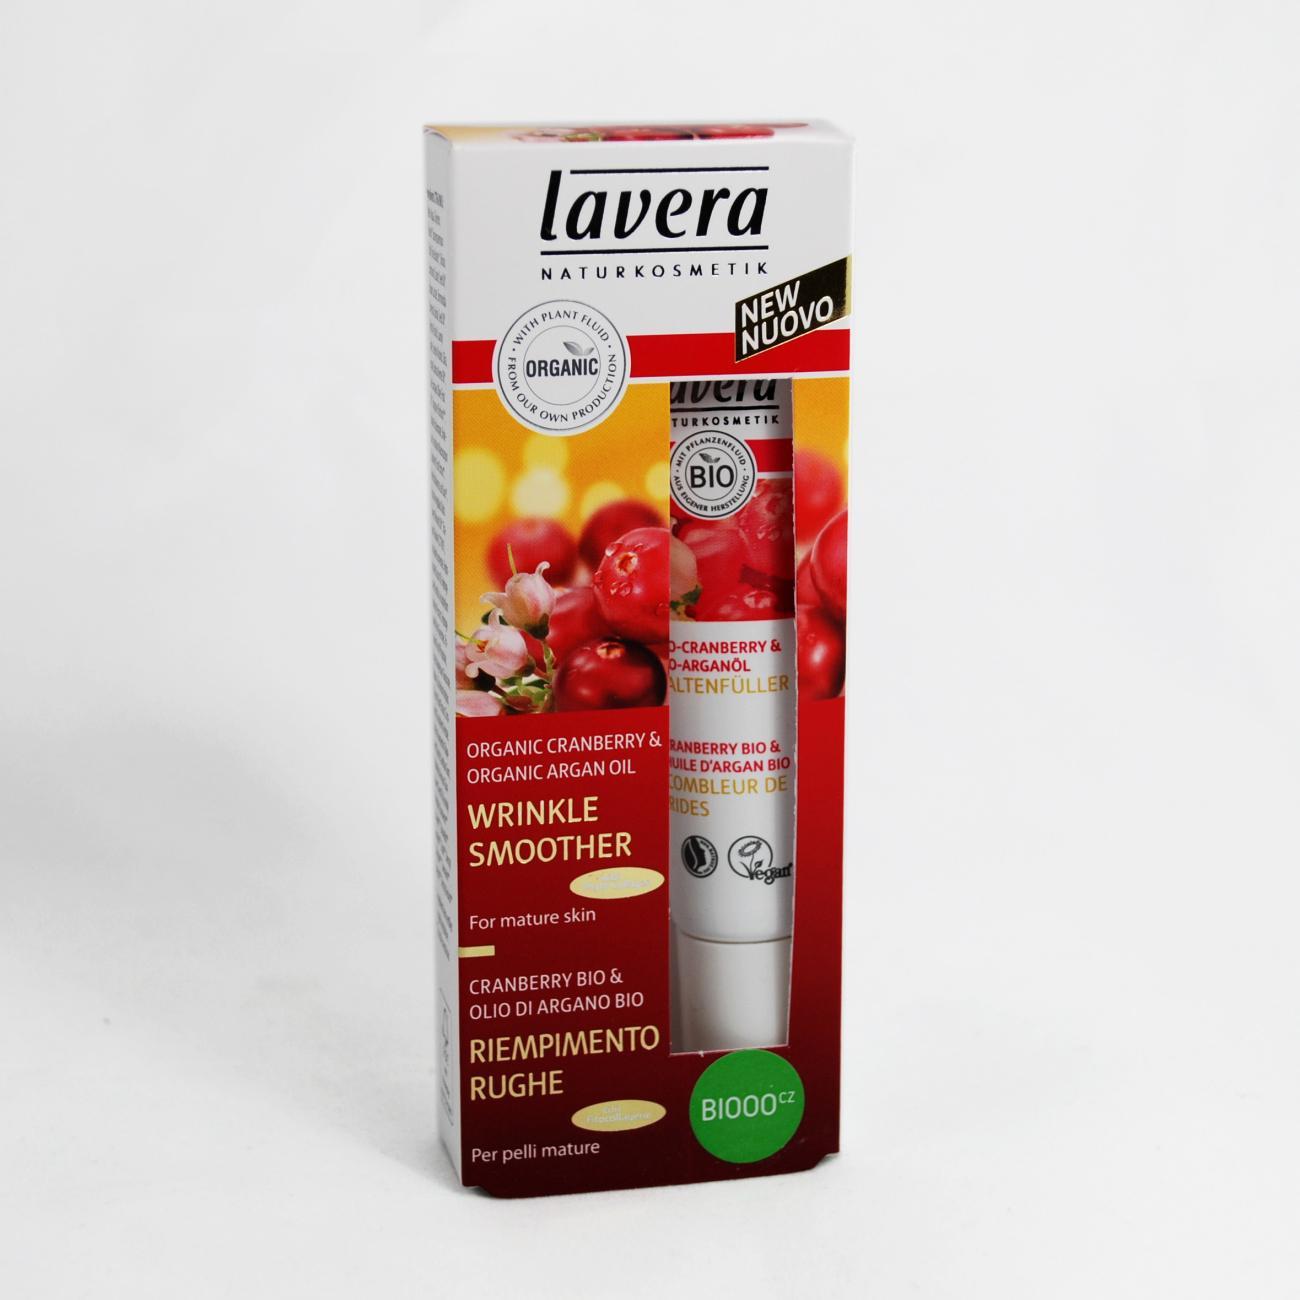 Lavera Sérum proti vráskám 45+ Bio Brusinka & Arganový olej, Faces 15 ml